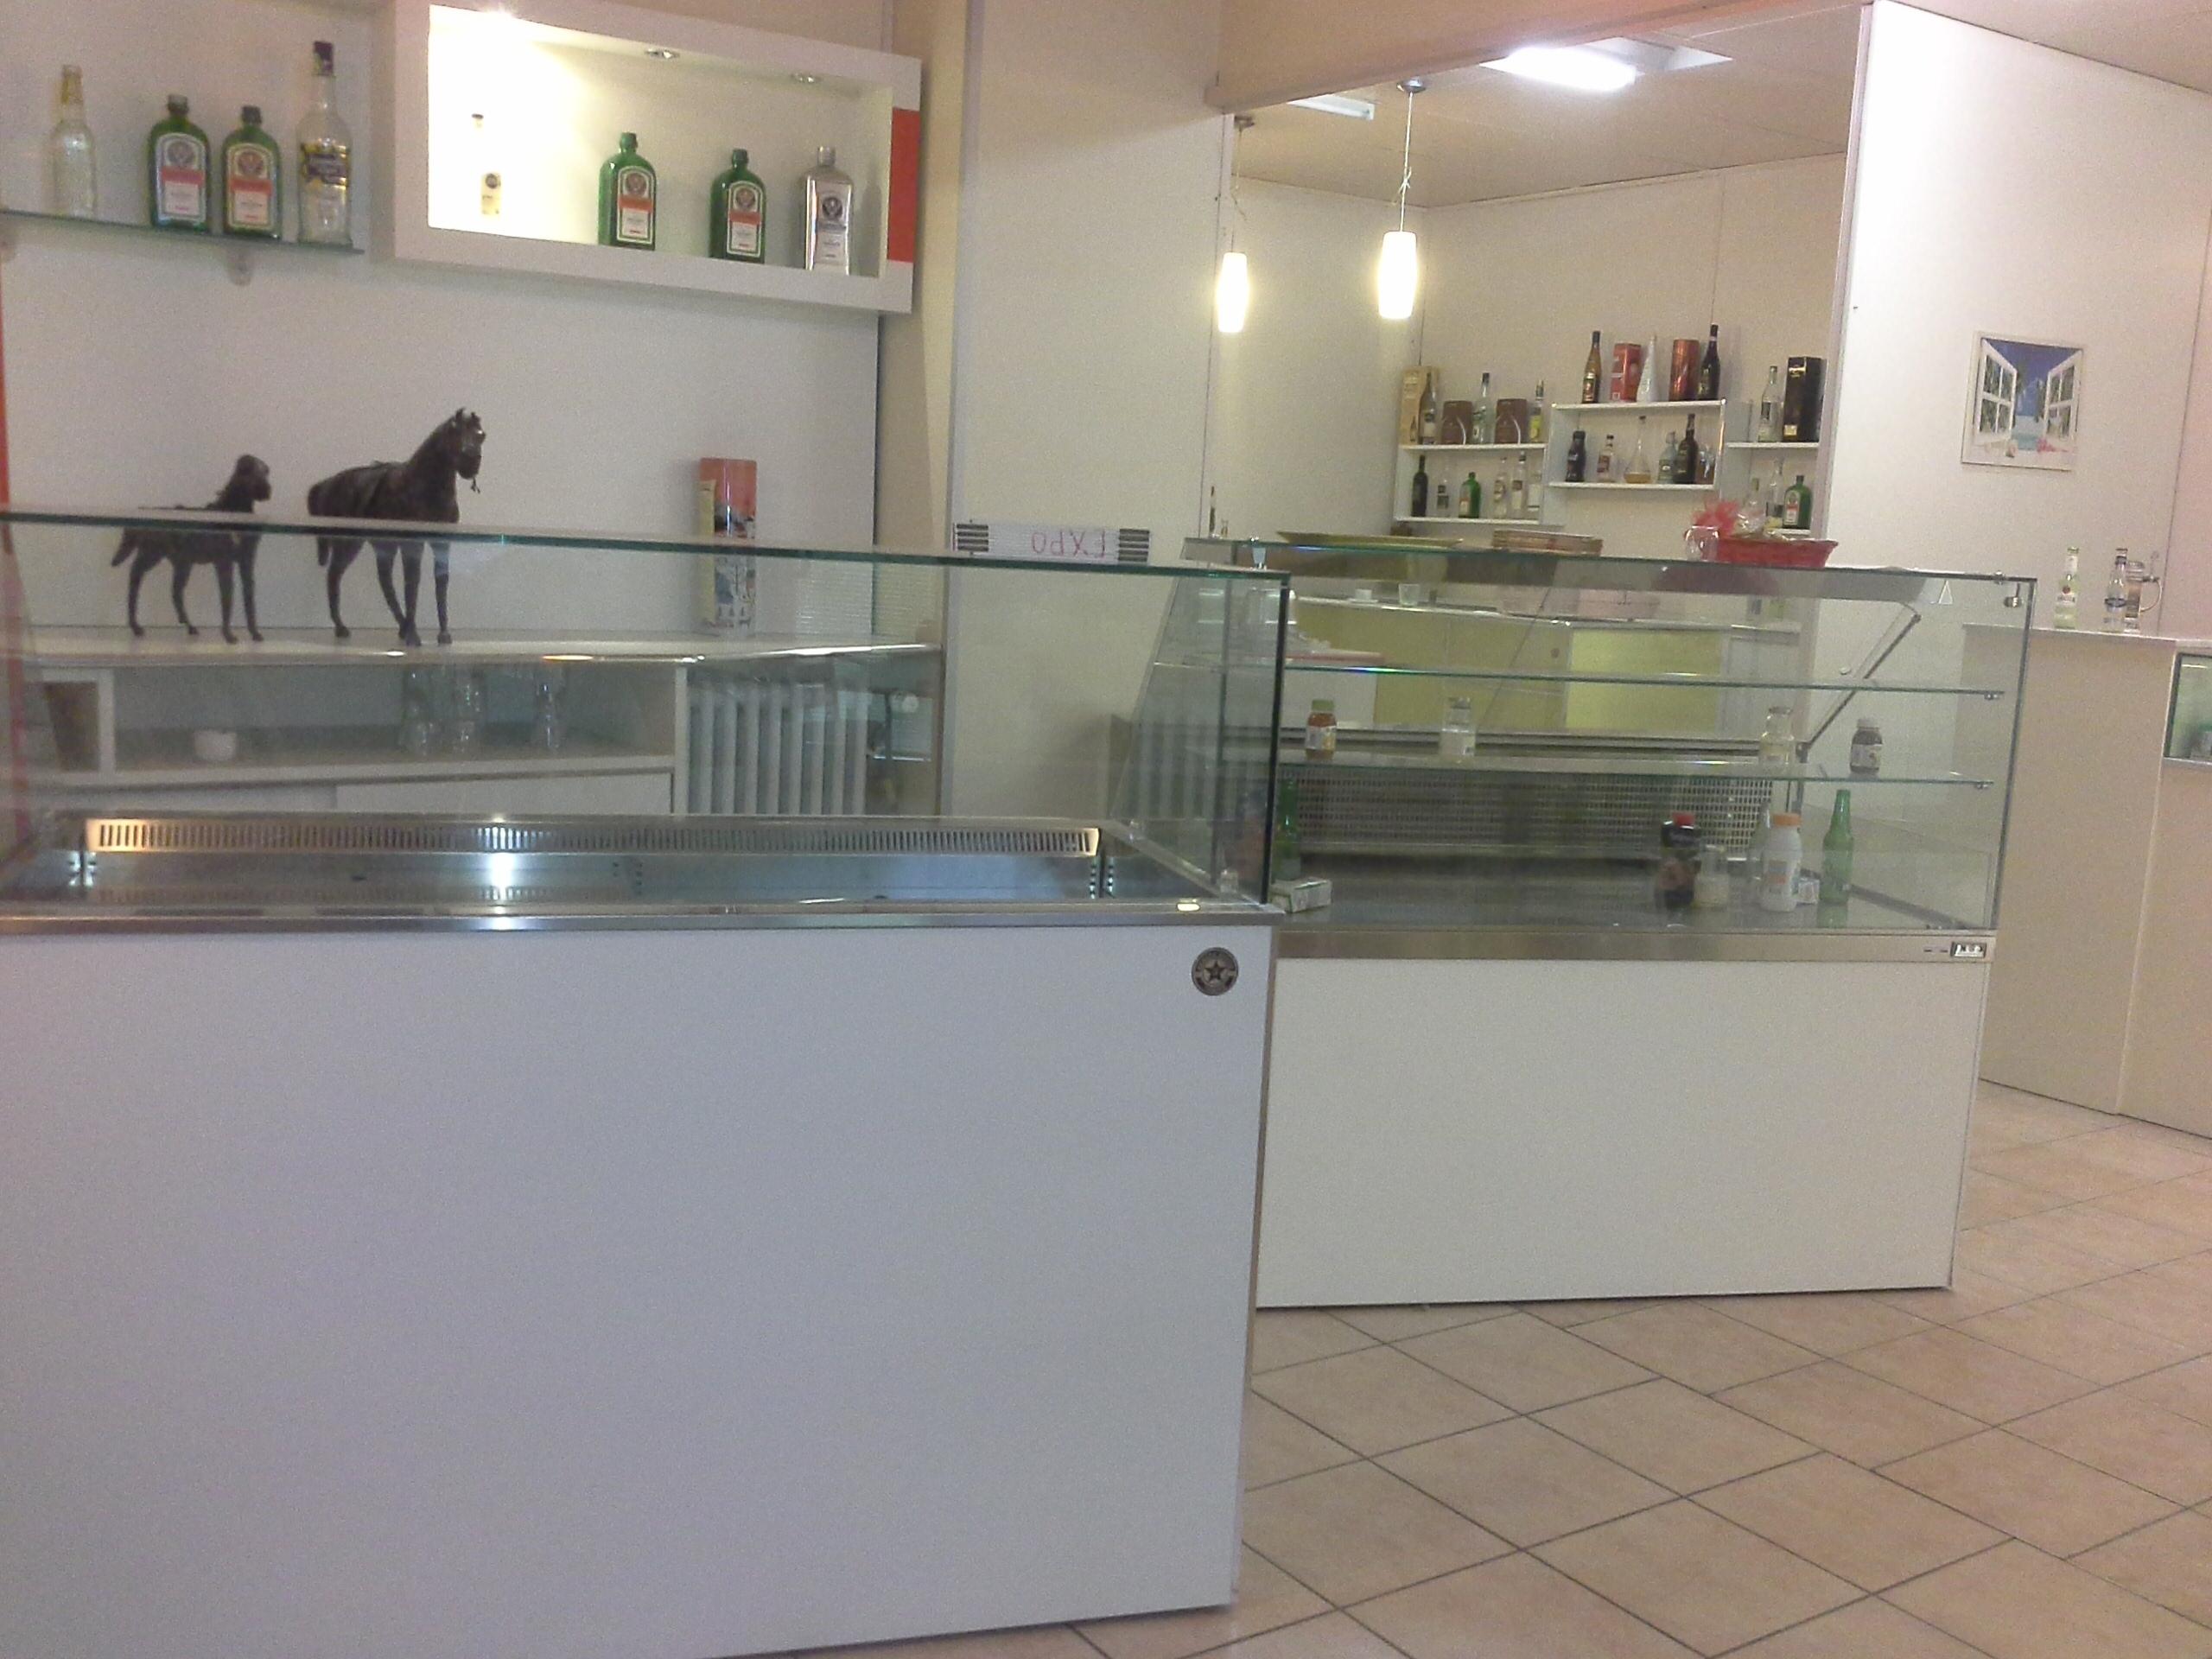 Produttori di arredamenti per bar negozi ristoranti for Renato russo arredamenti